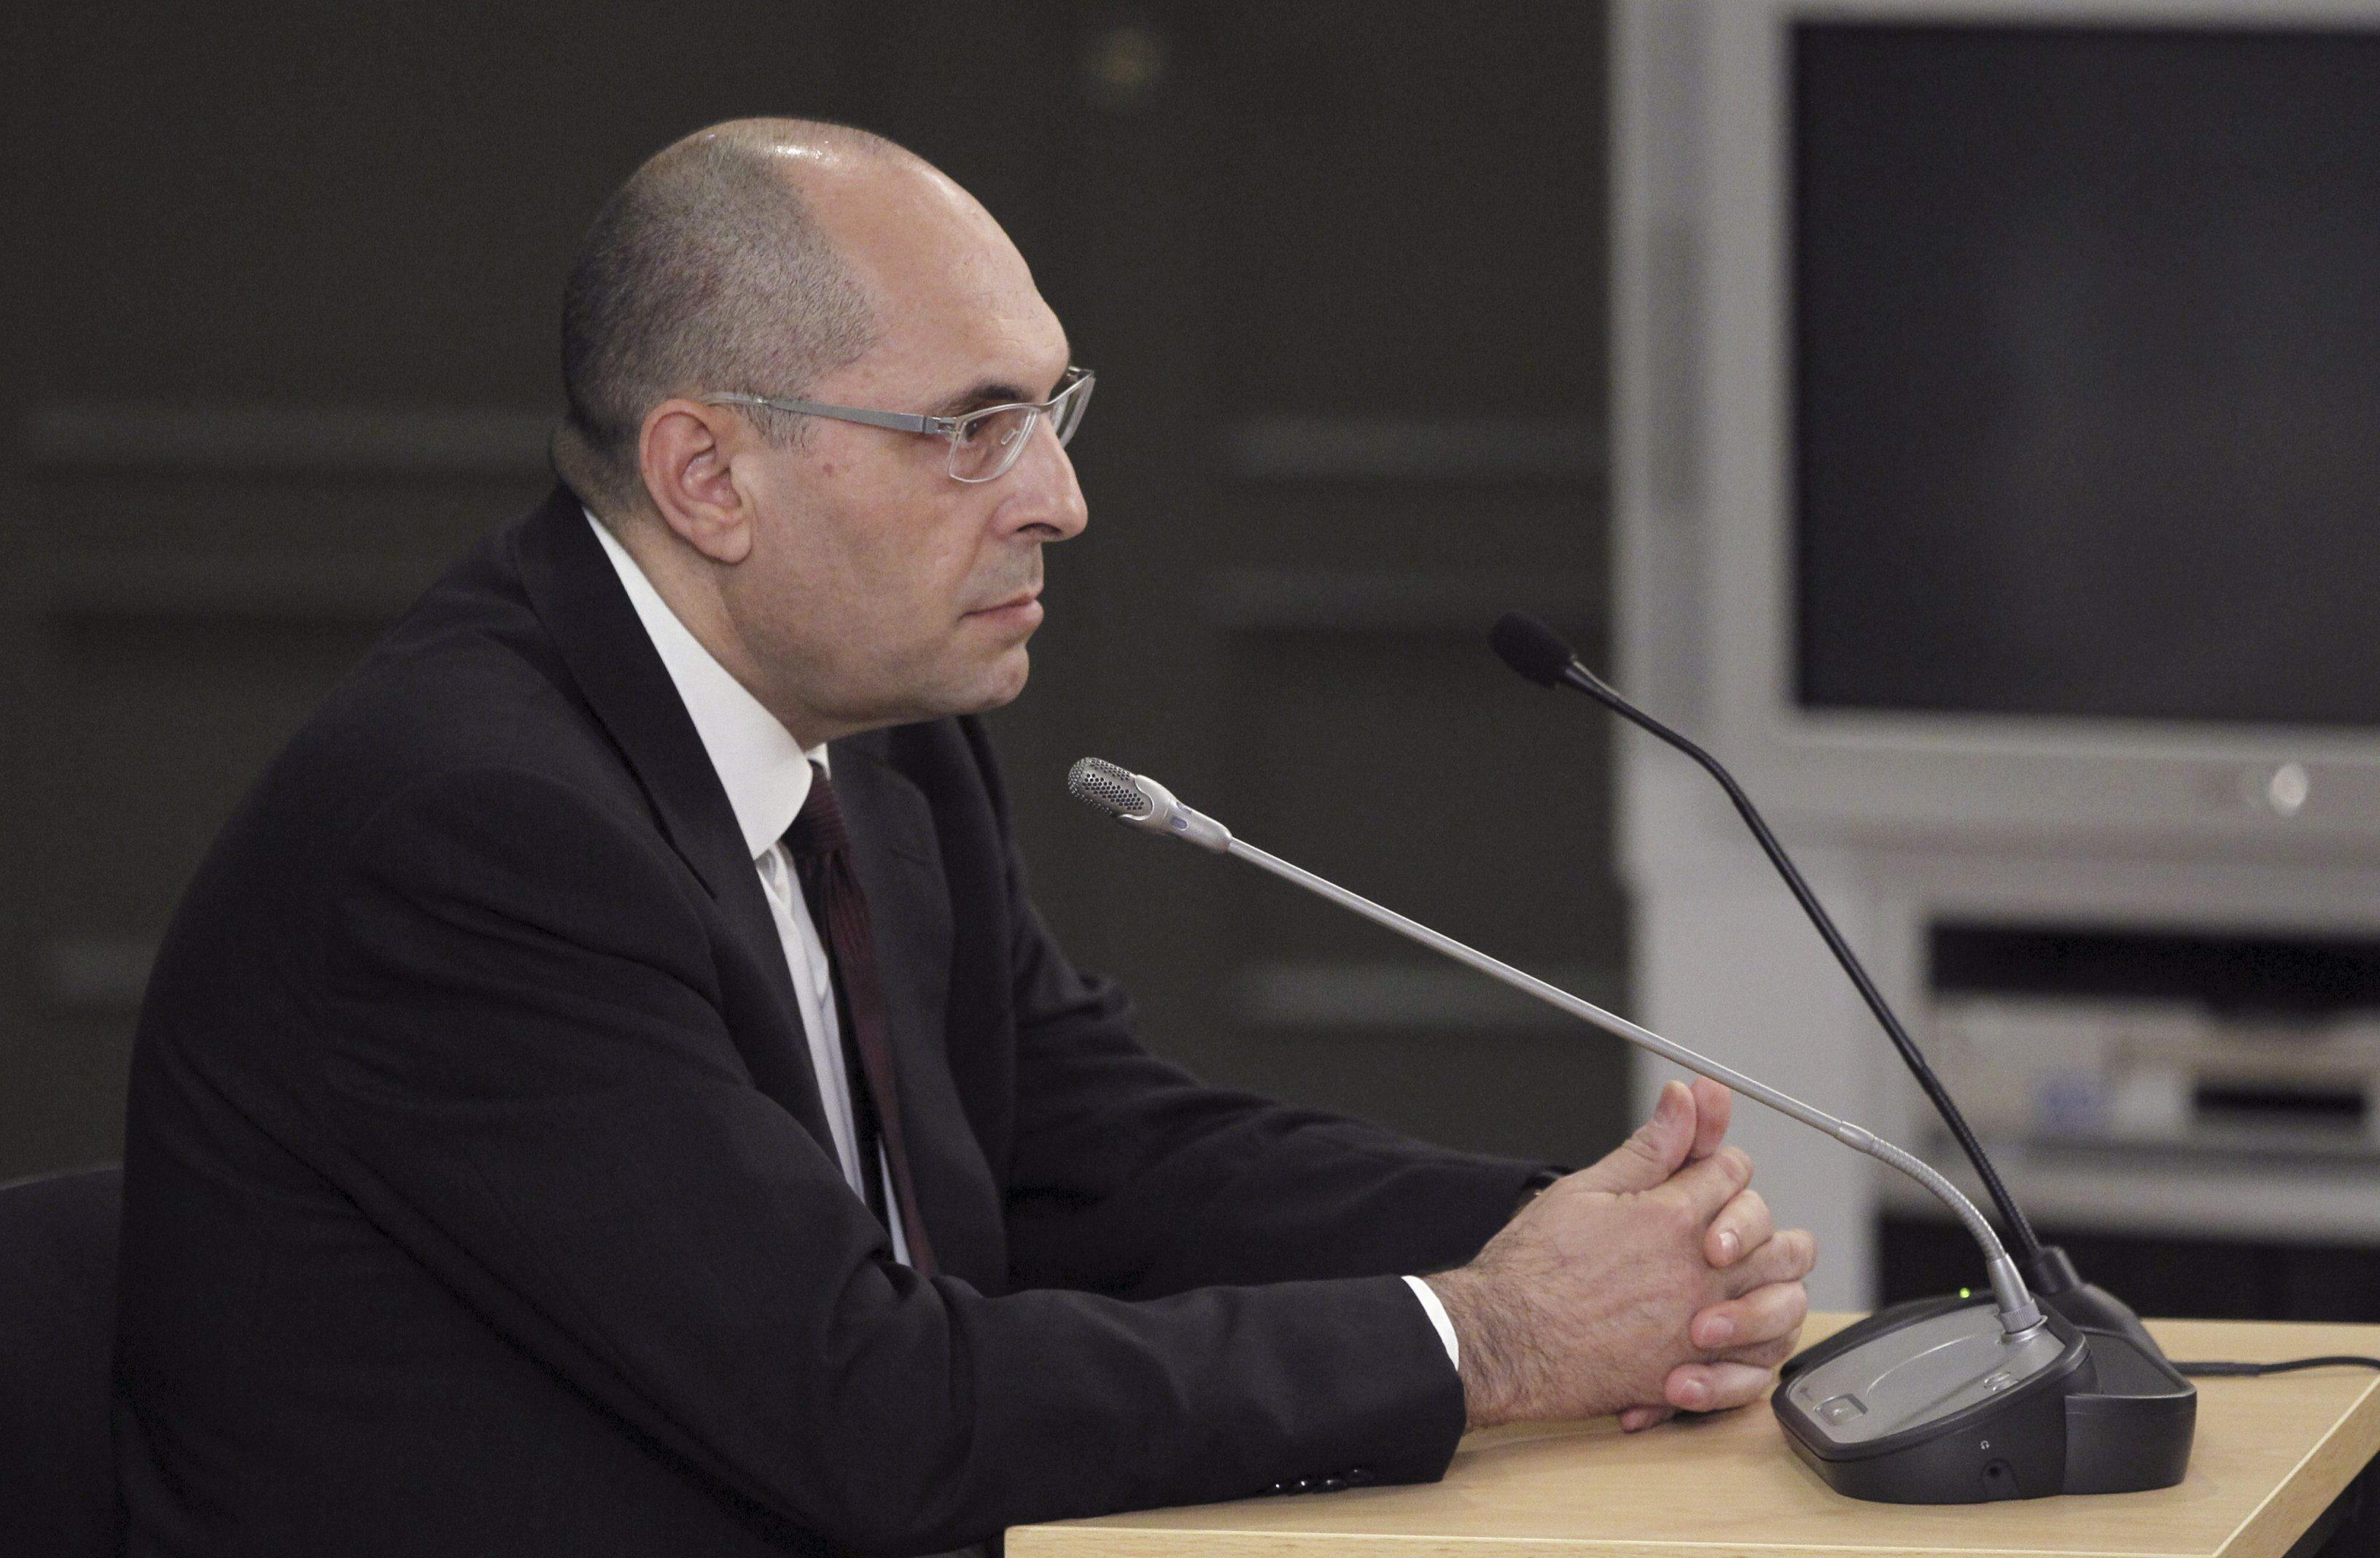 El TSJM decide hoy si suspende el juicio a Silva tras la renuncia de su abogado